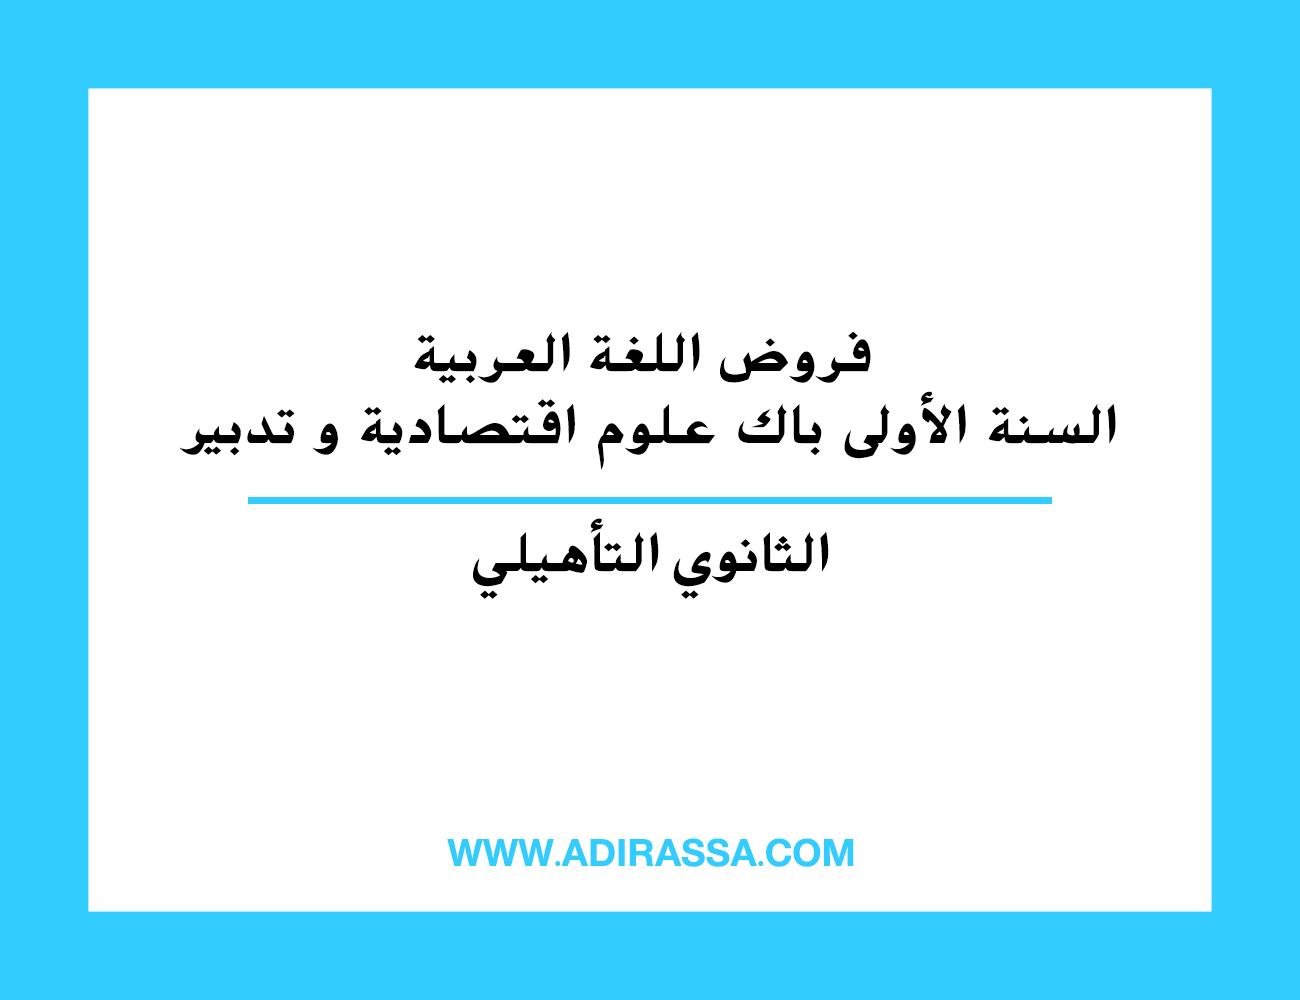 فروض اللغة العربية السنة الأولى باك علوم اقتصادية و تدبير بالثانوي التأهيلي